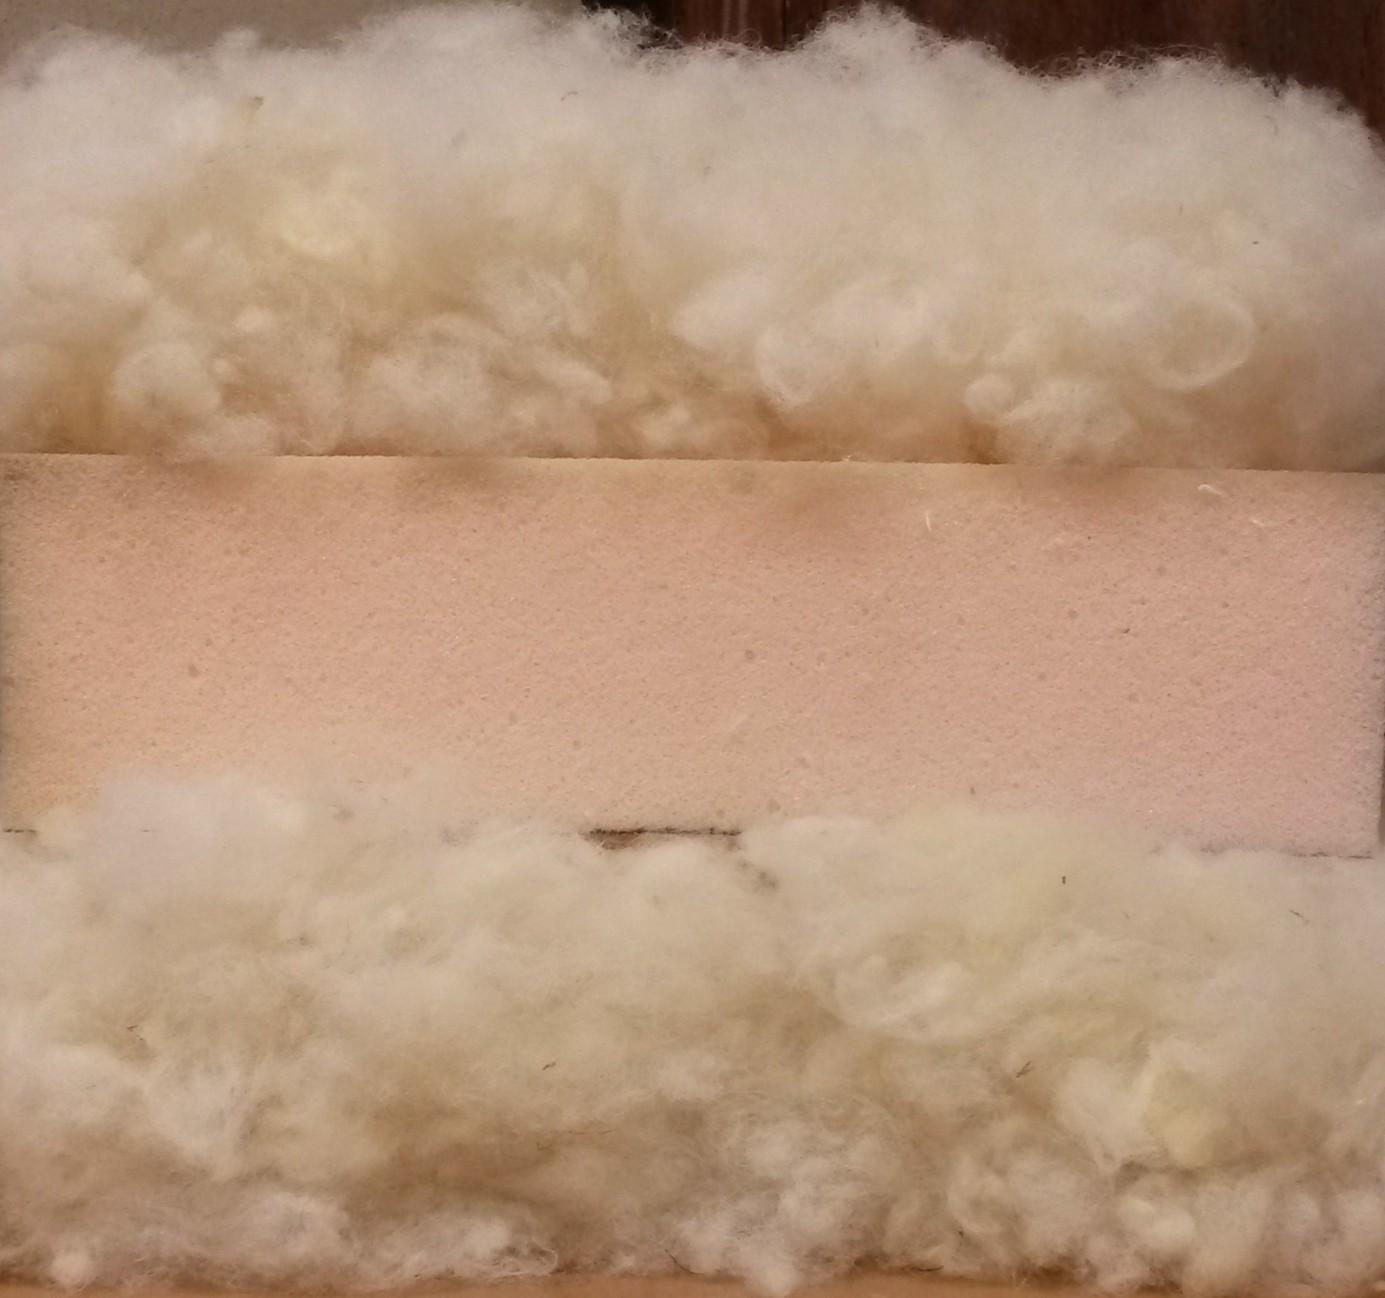 Matelas laine renforcée plaque HR 8cm 35 kg/m3 laine 3kg/m²